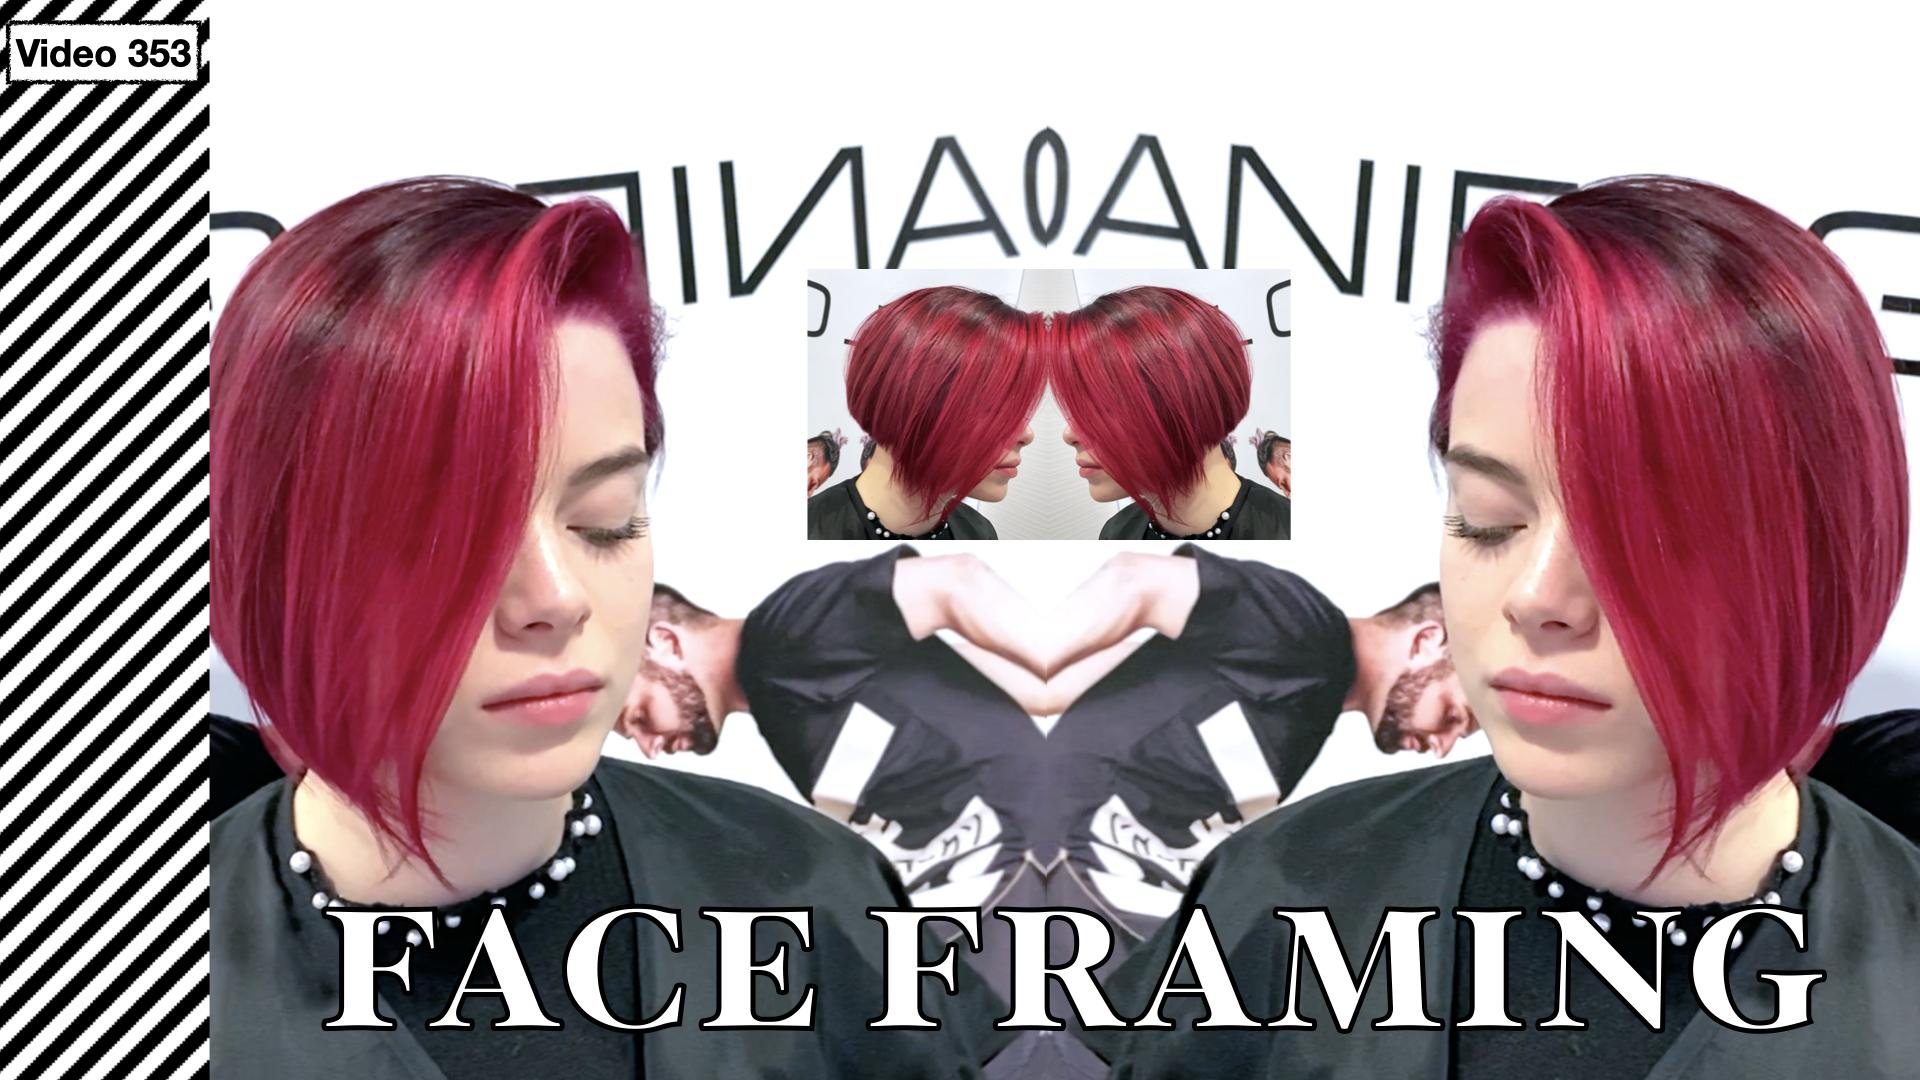 Faceframing